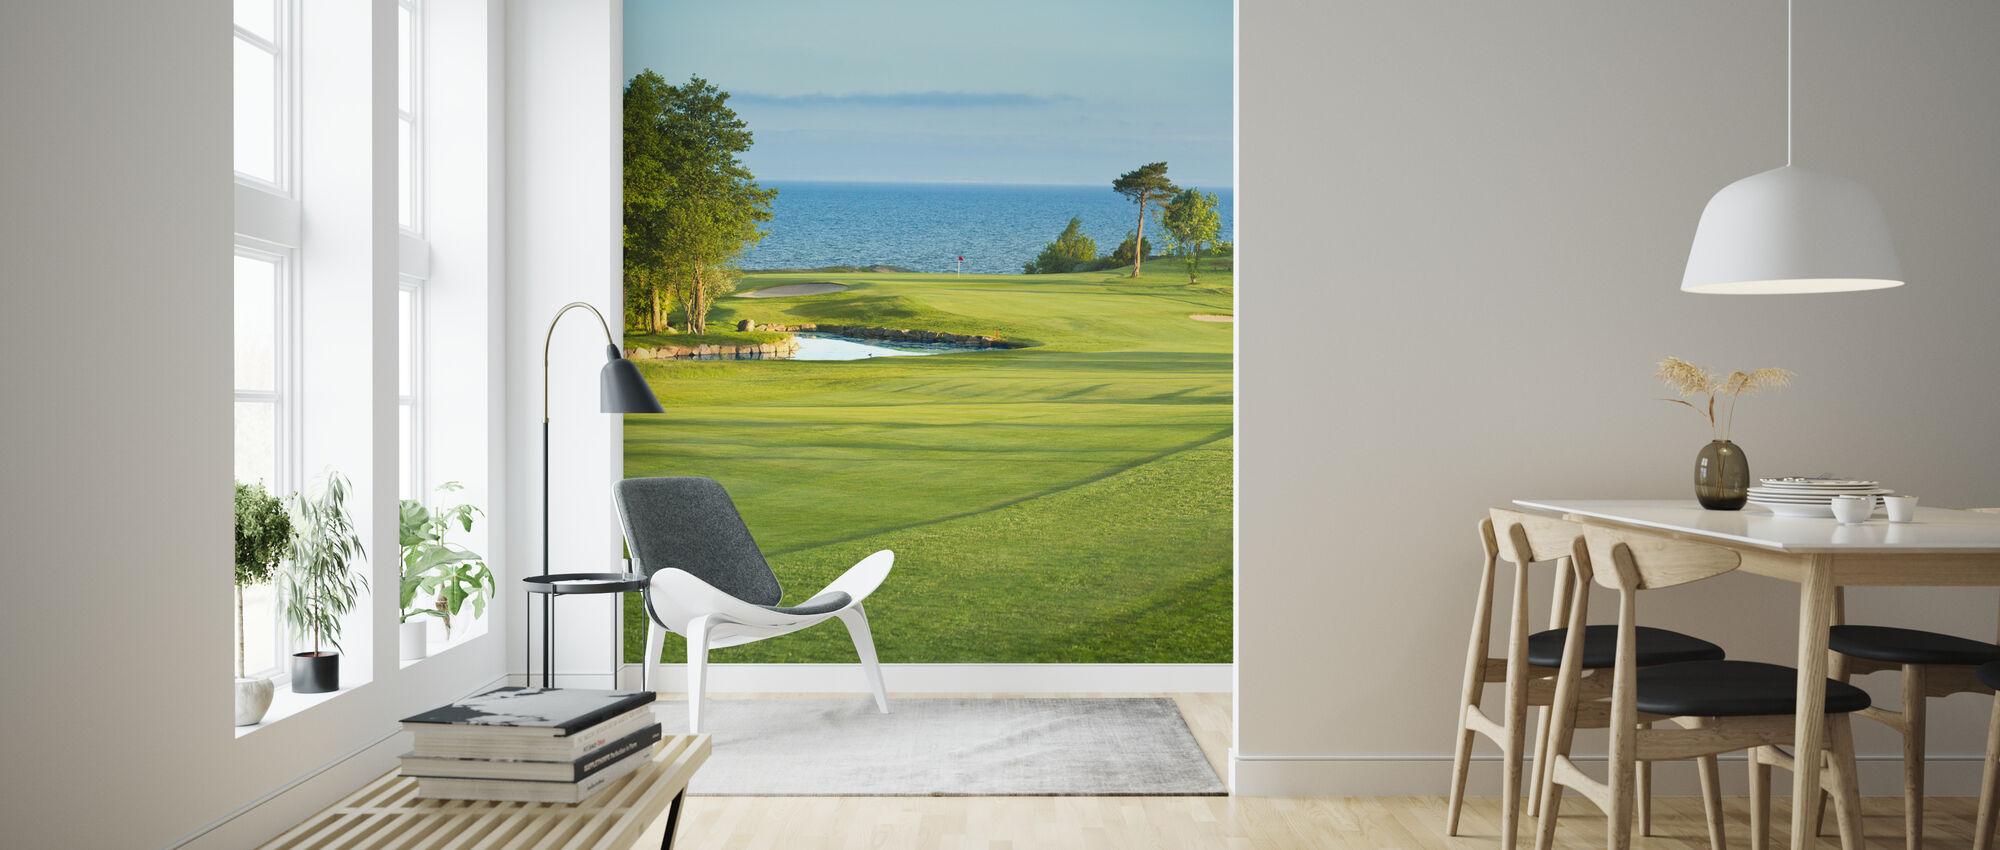 Golf Court in Stora Lund, Sweden - Wallpaper - Living Room